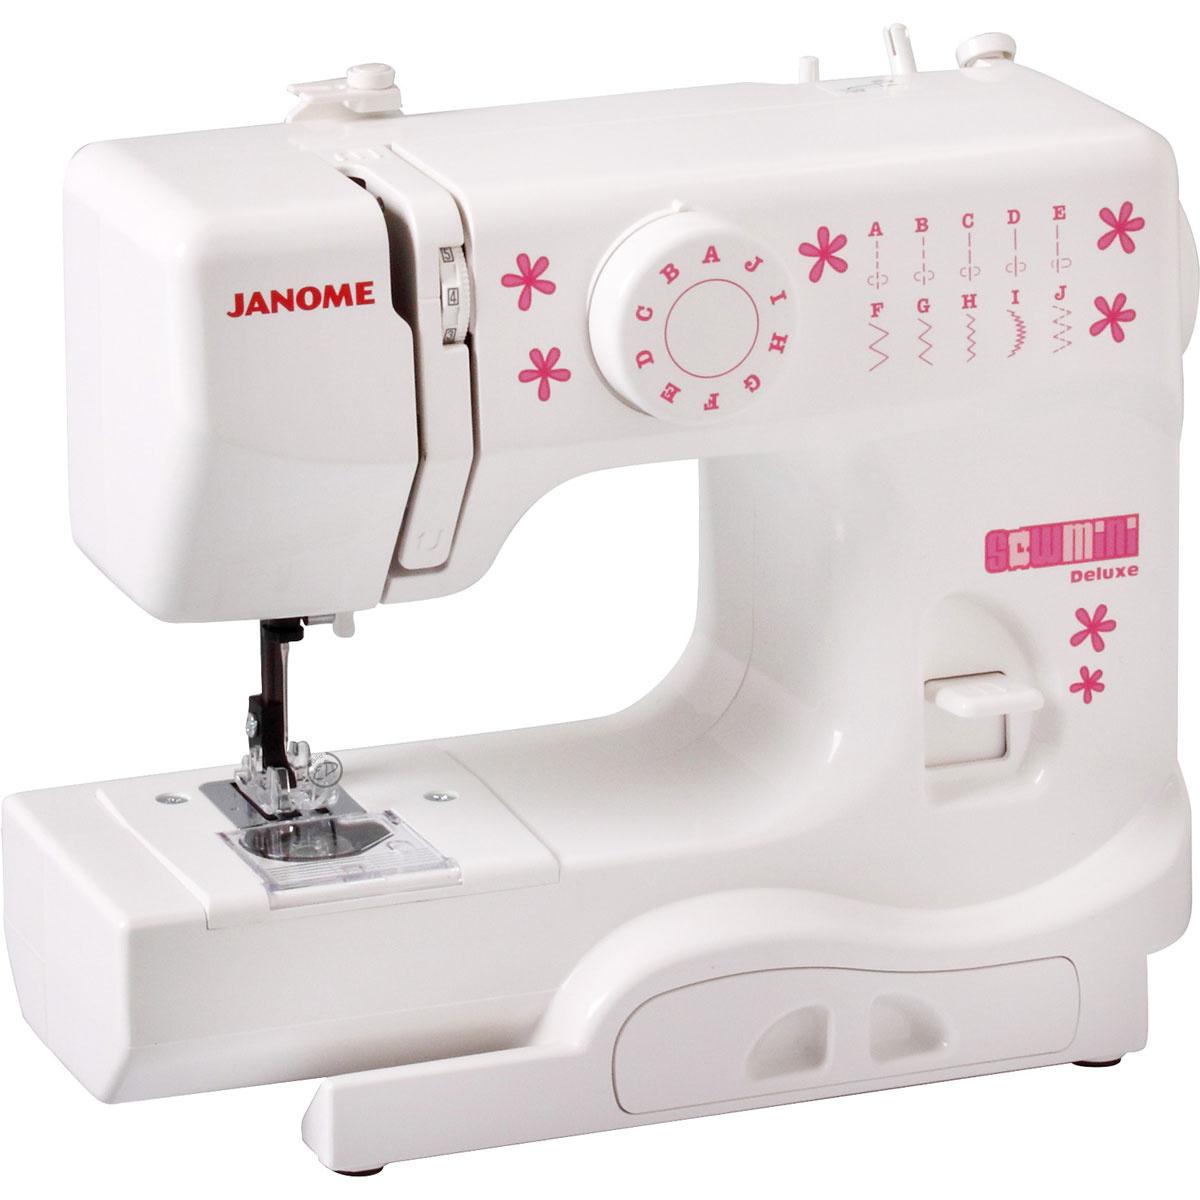 Janome Sew Mini Deluxe швейная машина #1